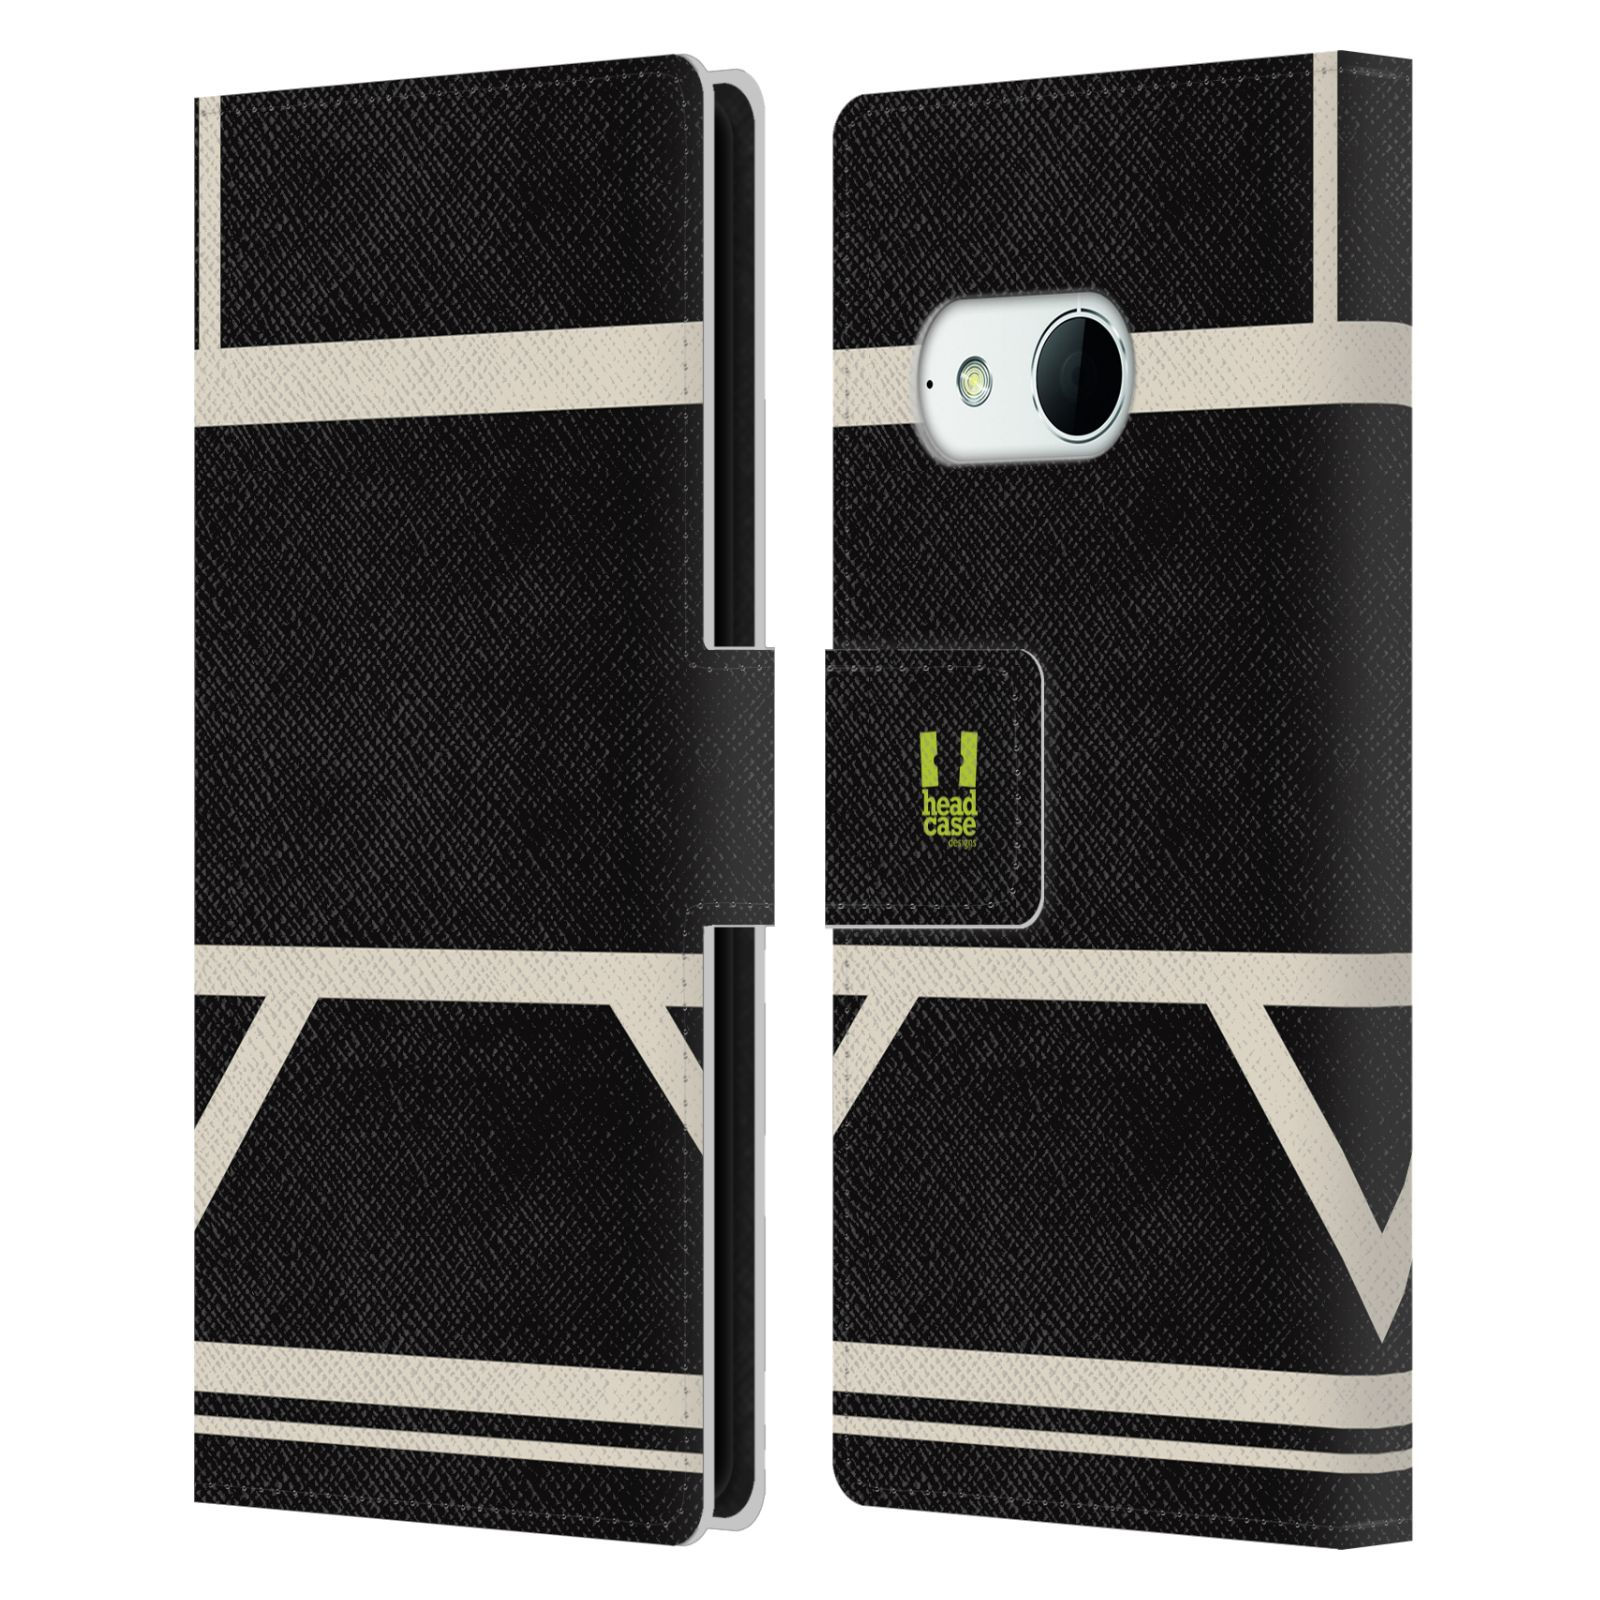 HEAD CASE Flipové pouzdro pro mobil HTC ONE MINI 2 barevné tvary černá a bílá proužek